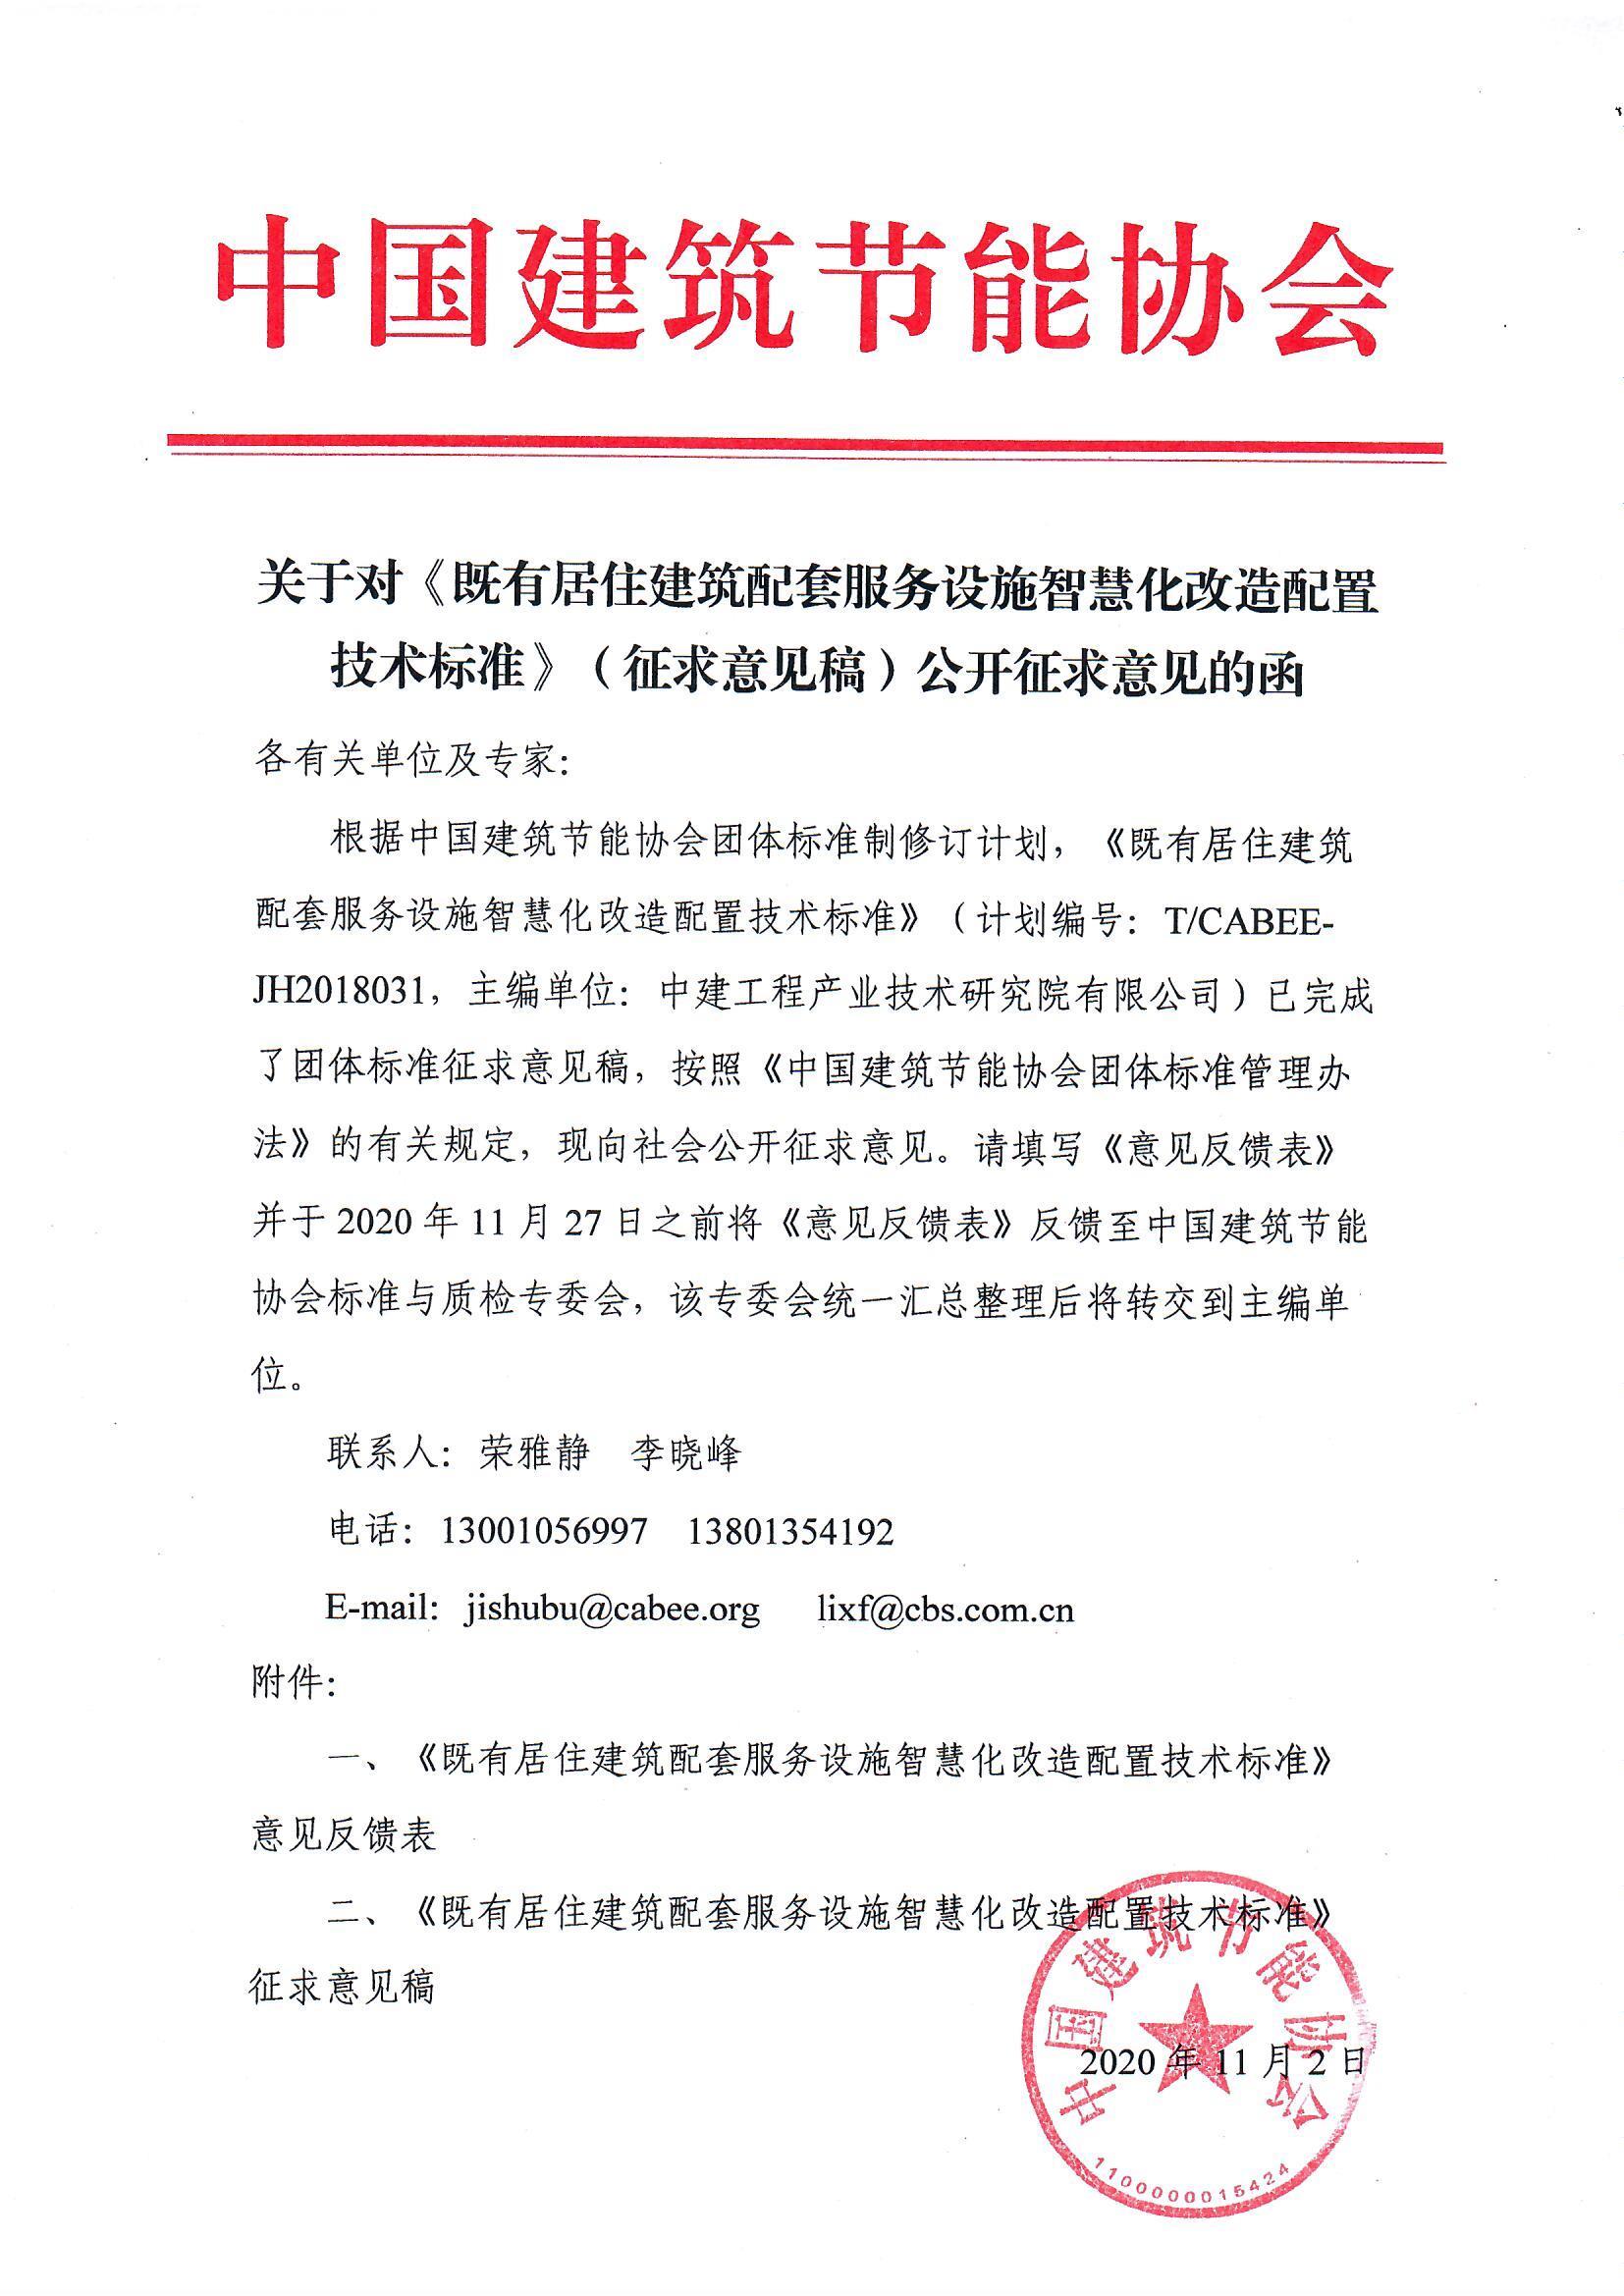 关于对《既有居住建筑配套服务设施智慧化改造配置技术标准》(征求意见稿)公开征求意见的函.jpg